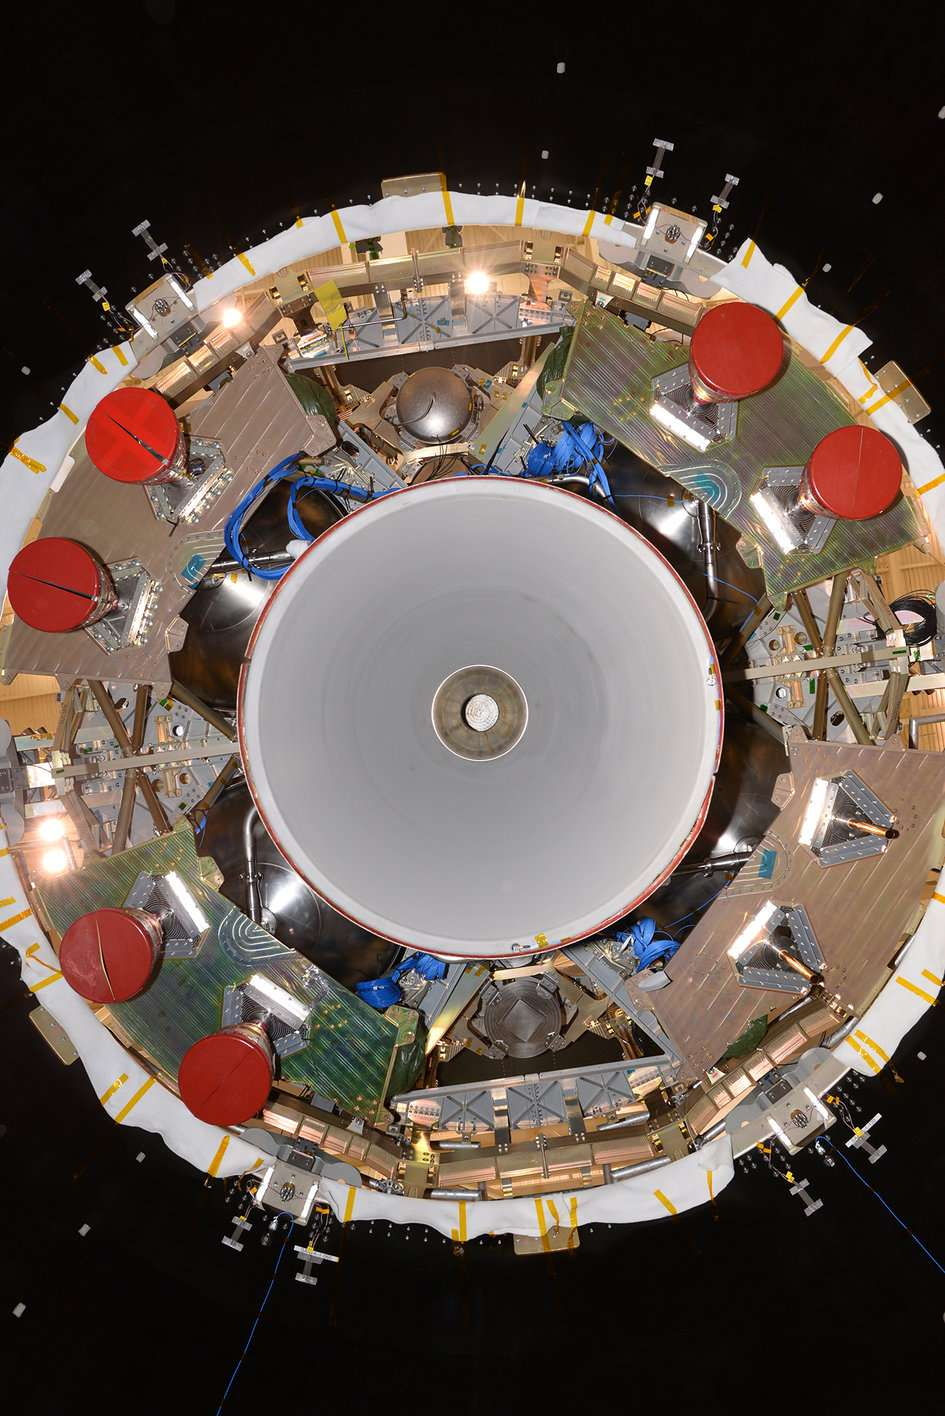 [Blog] Developpement de la capsule ORION de la NASA - Page 7 122